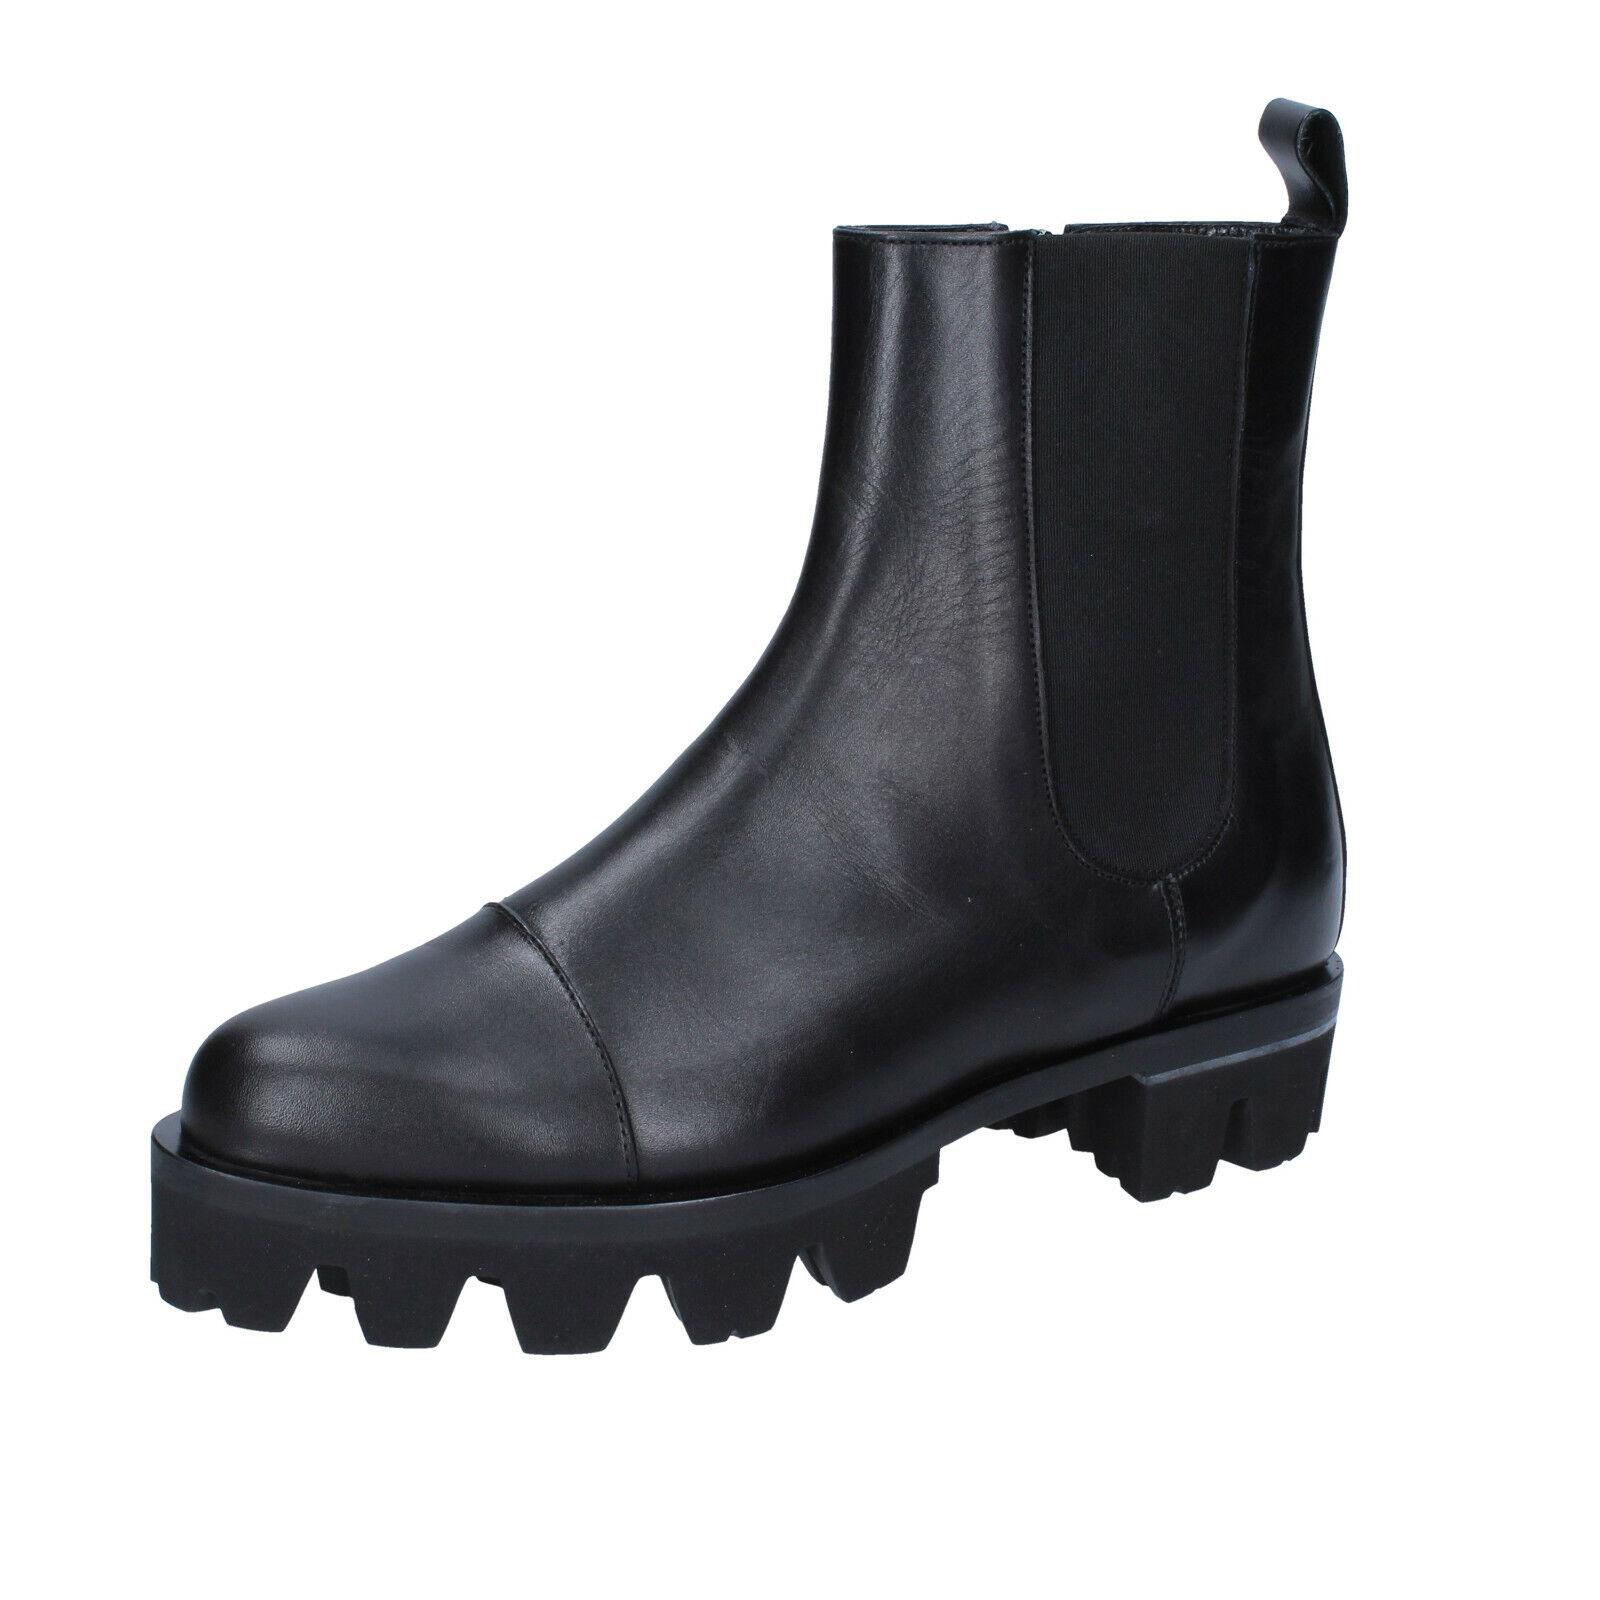 Zapatos para mujer Roberto Botticelli 7 (EU 40) tobillo botas al tobillo 40) cuero negro BS278-40 fe2584